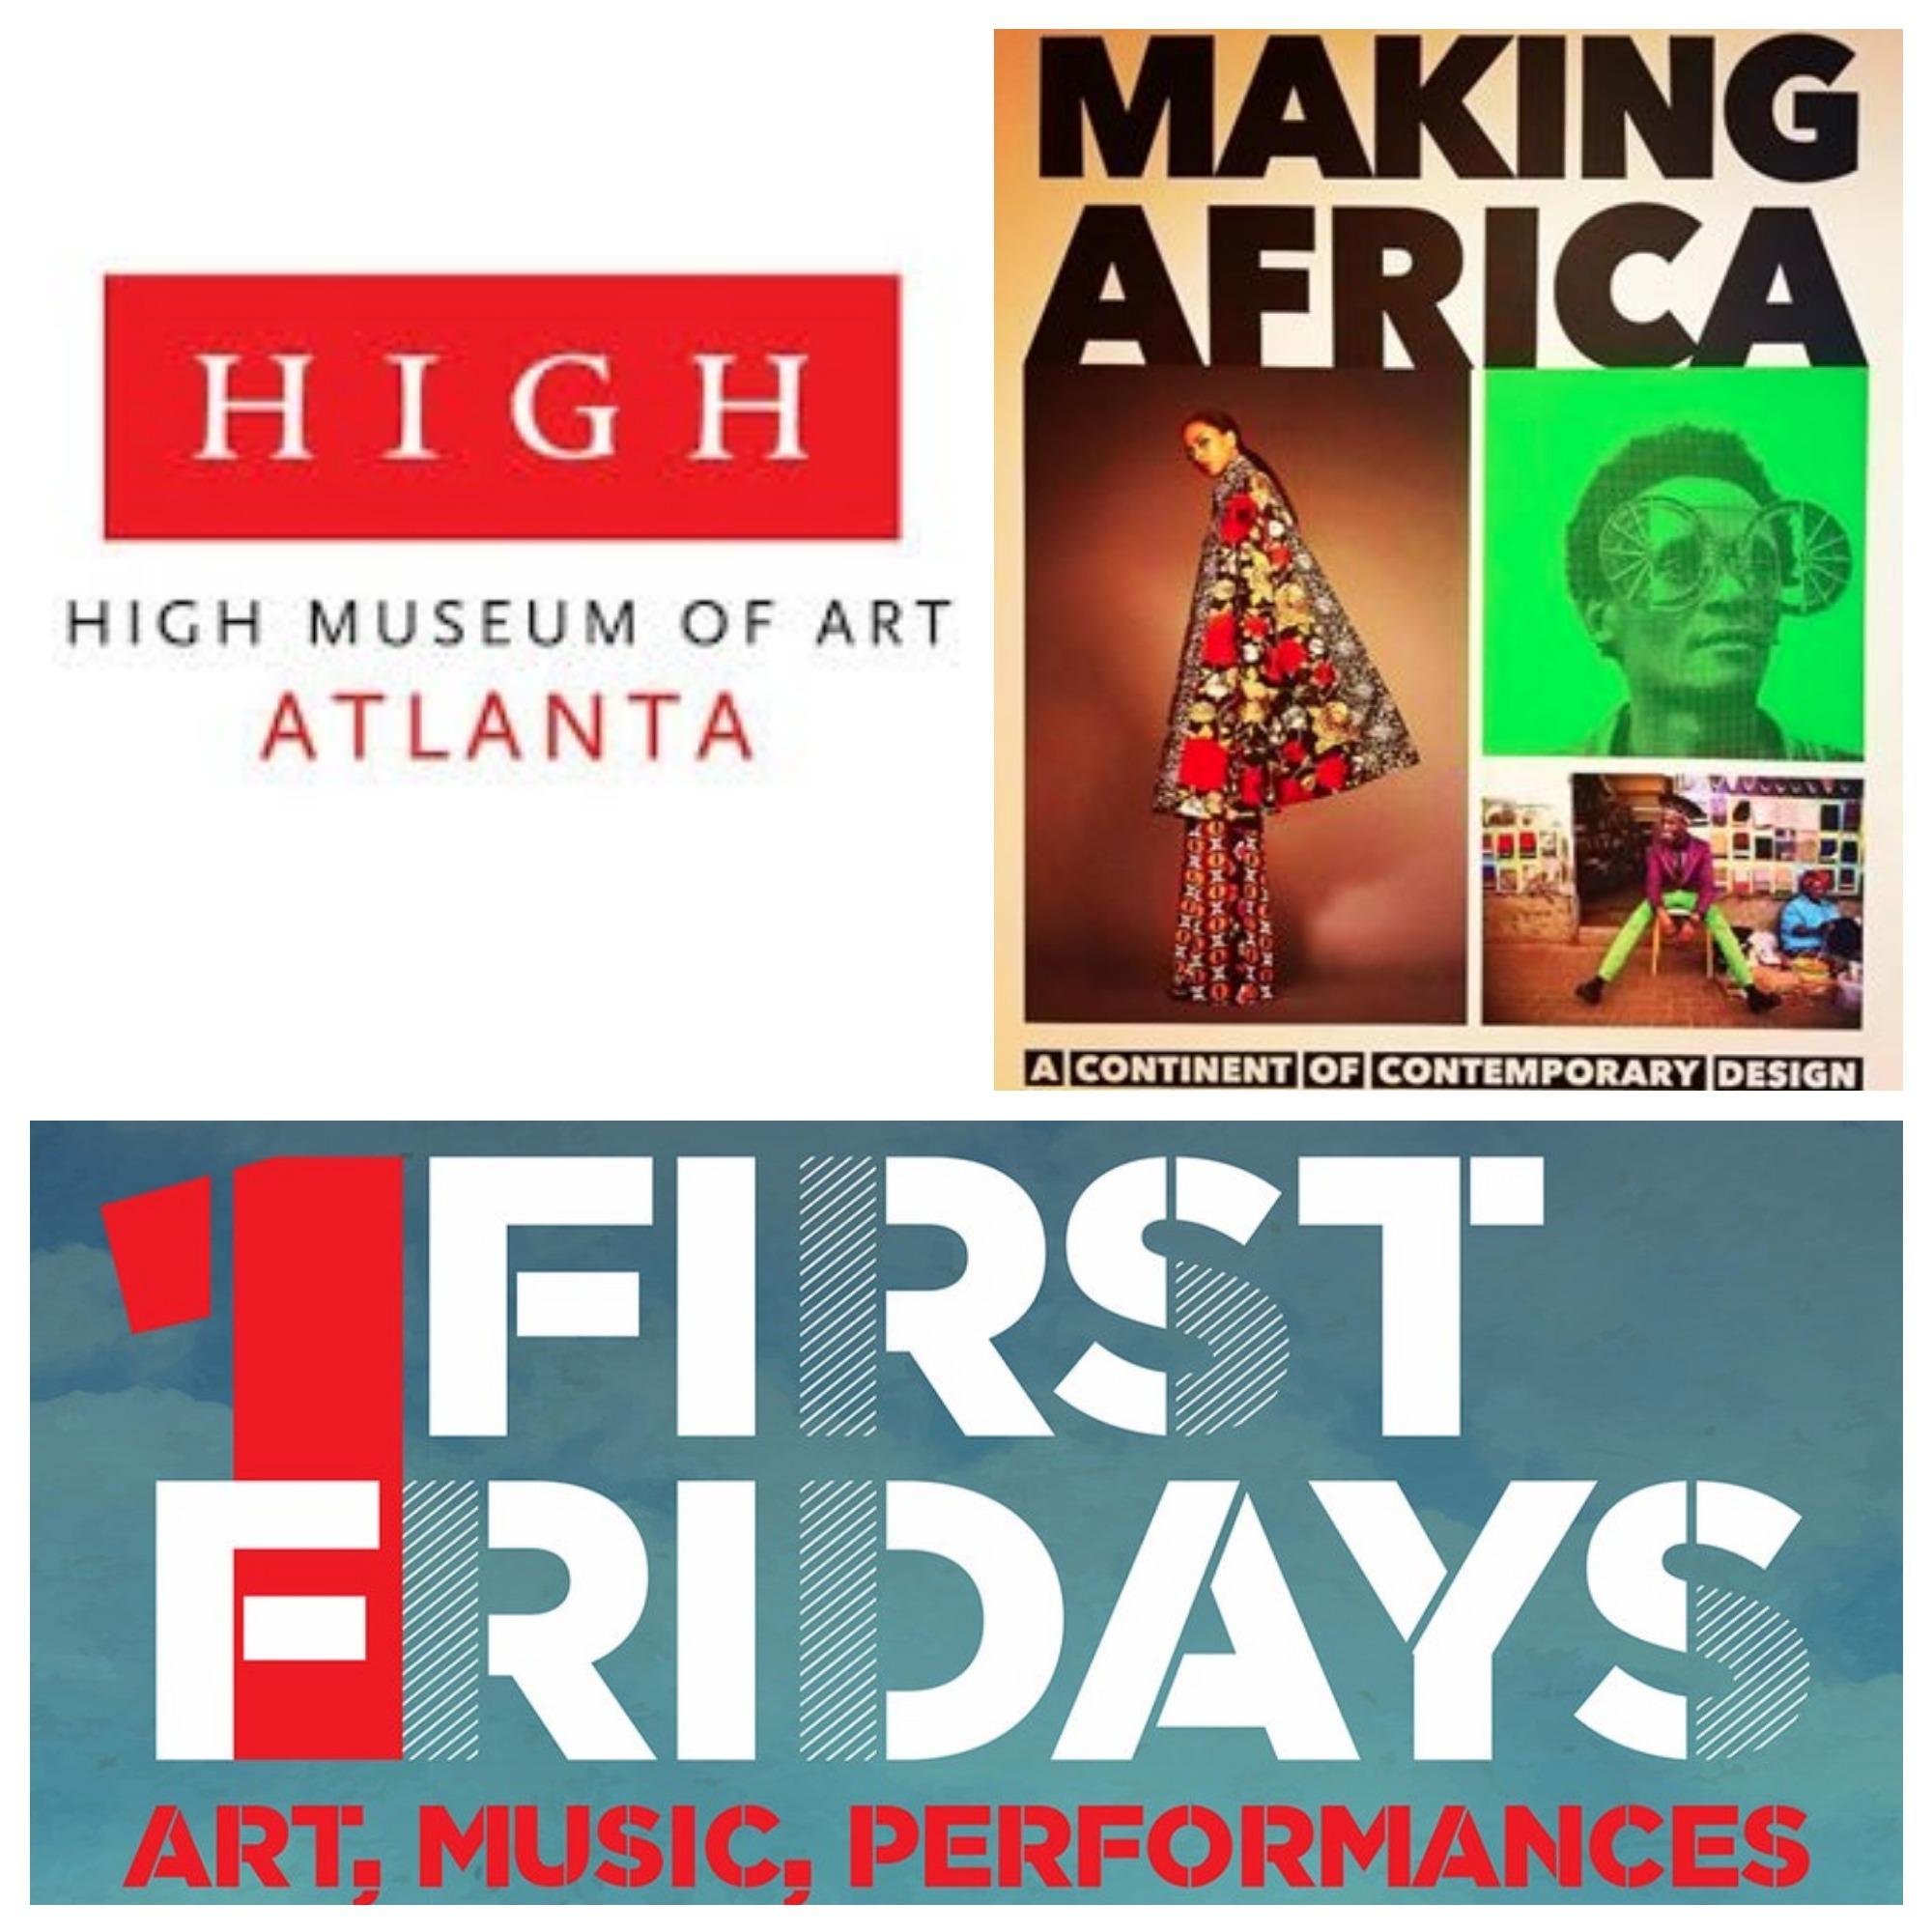 makingafrica.jpg